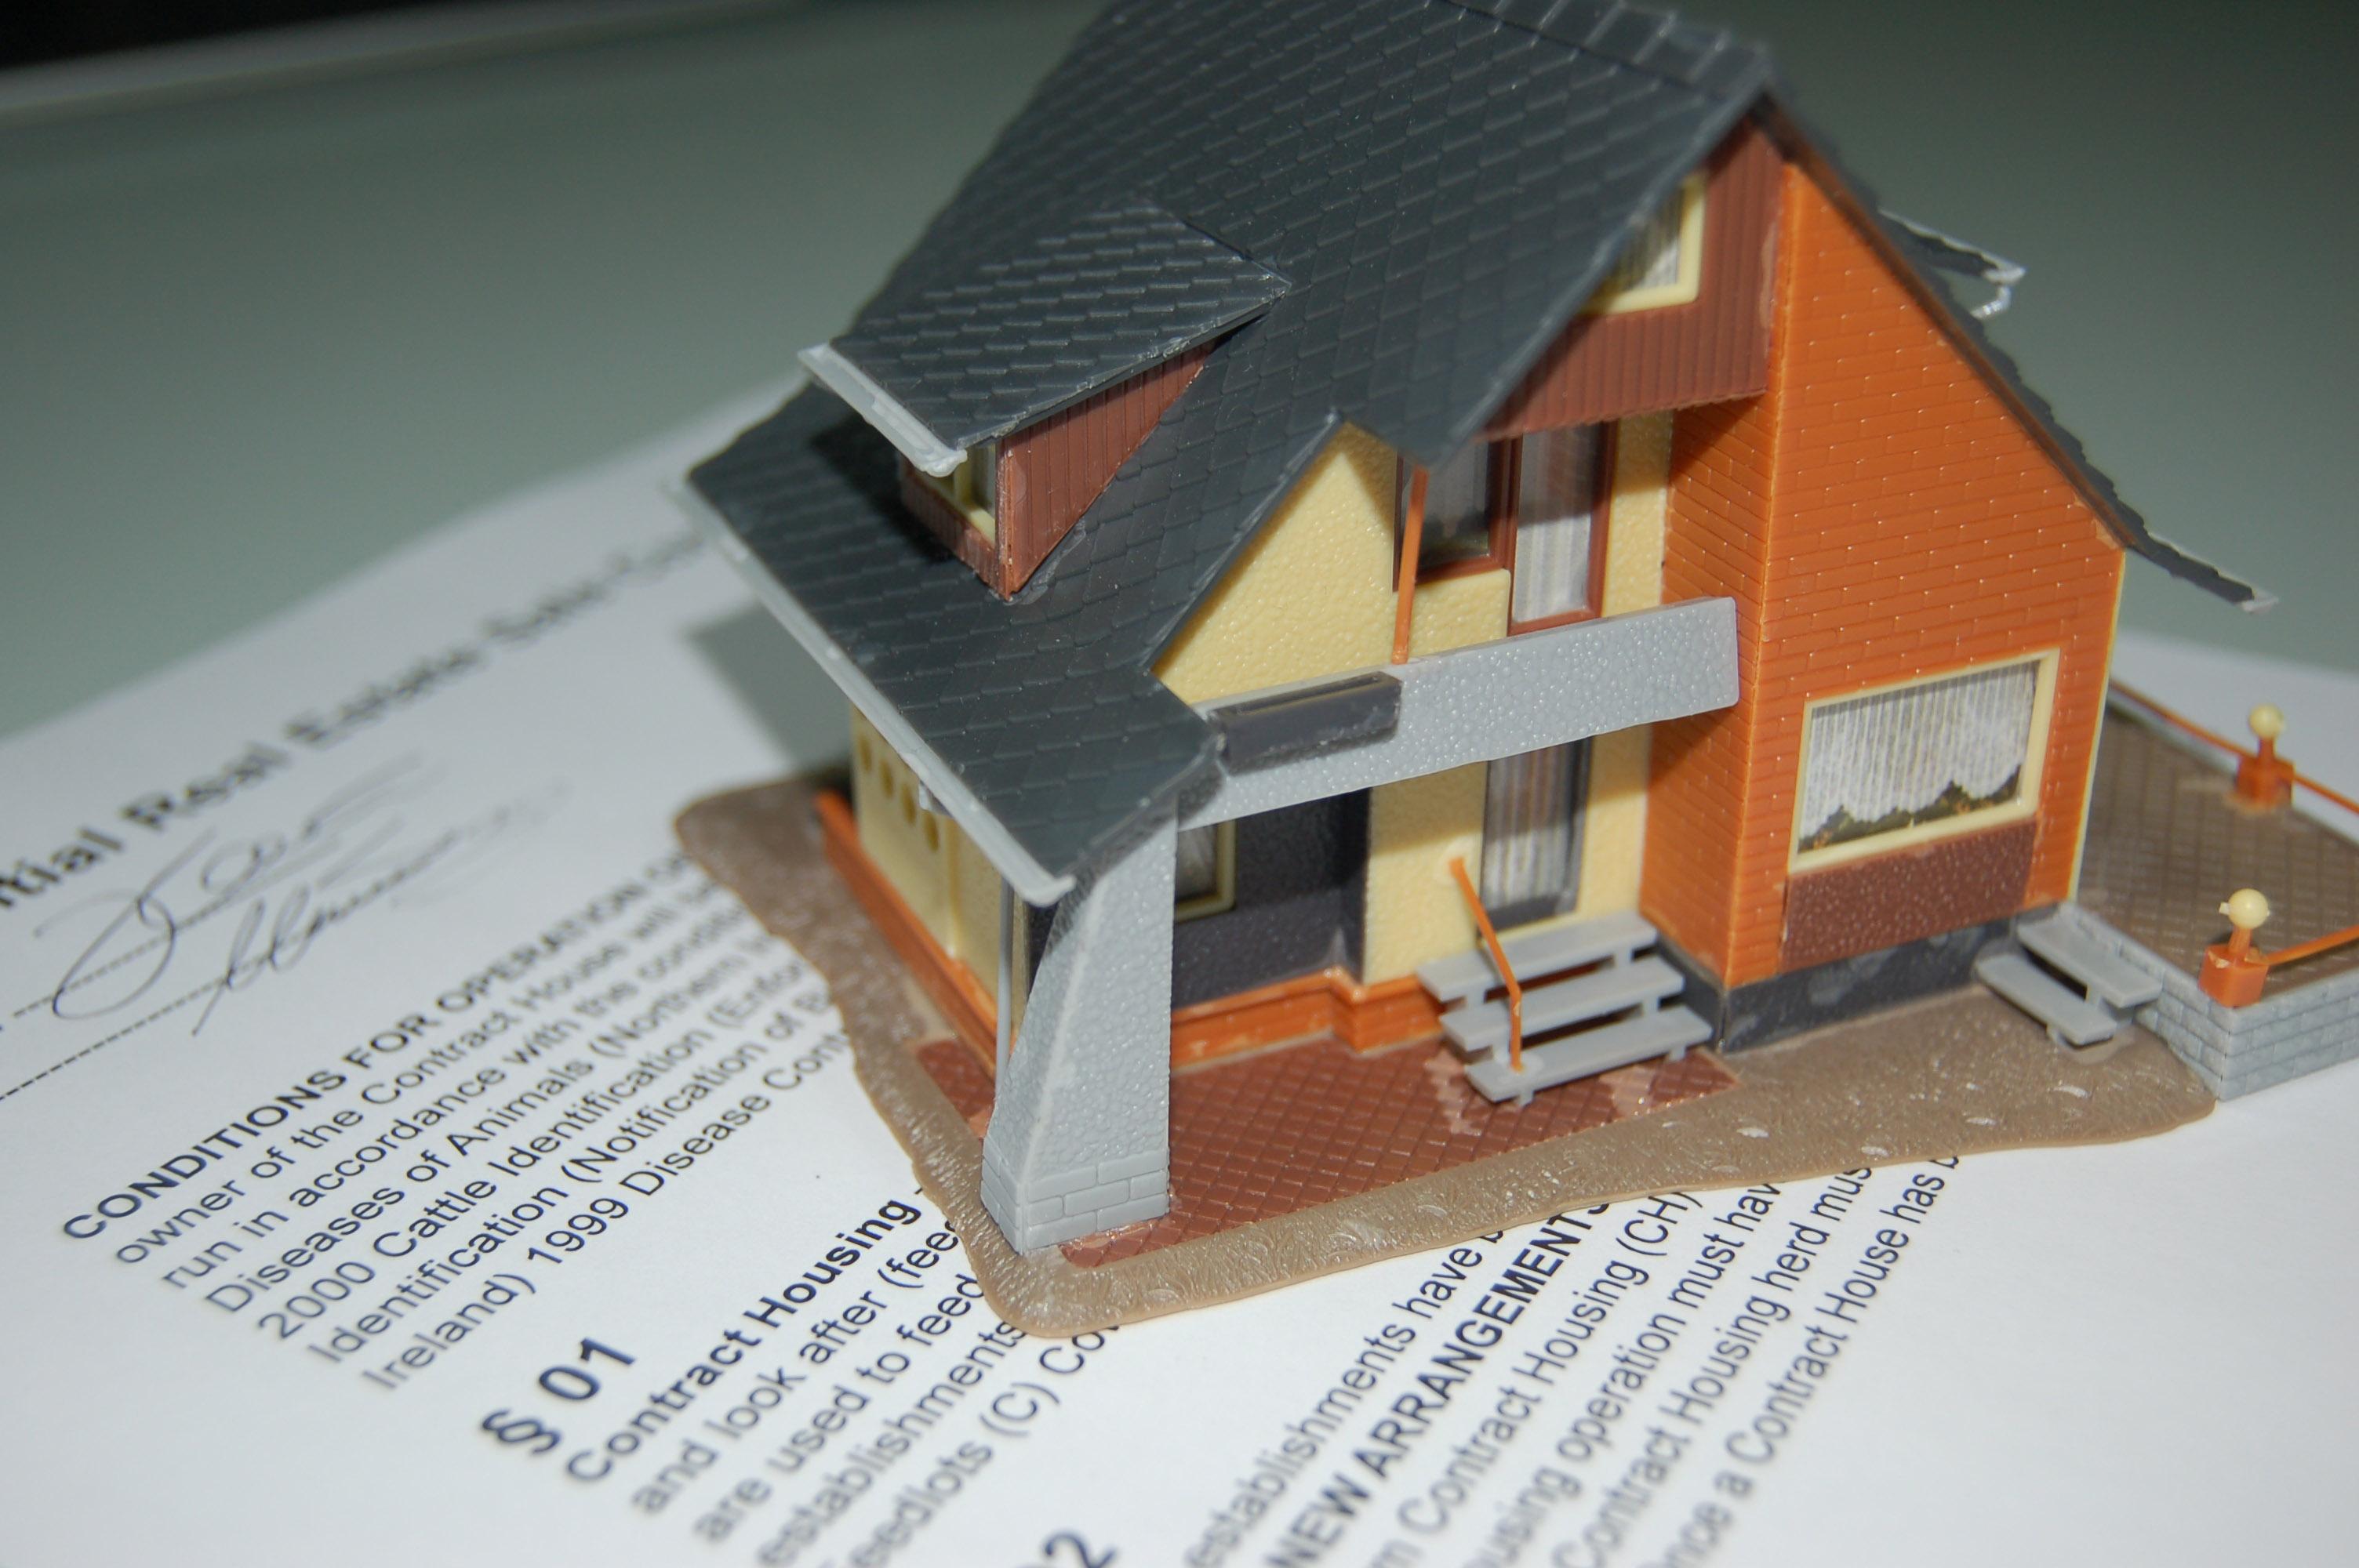 Smlouva - dům - prodej domu - realitní trh